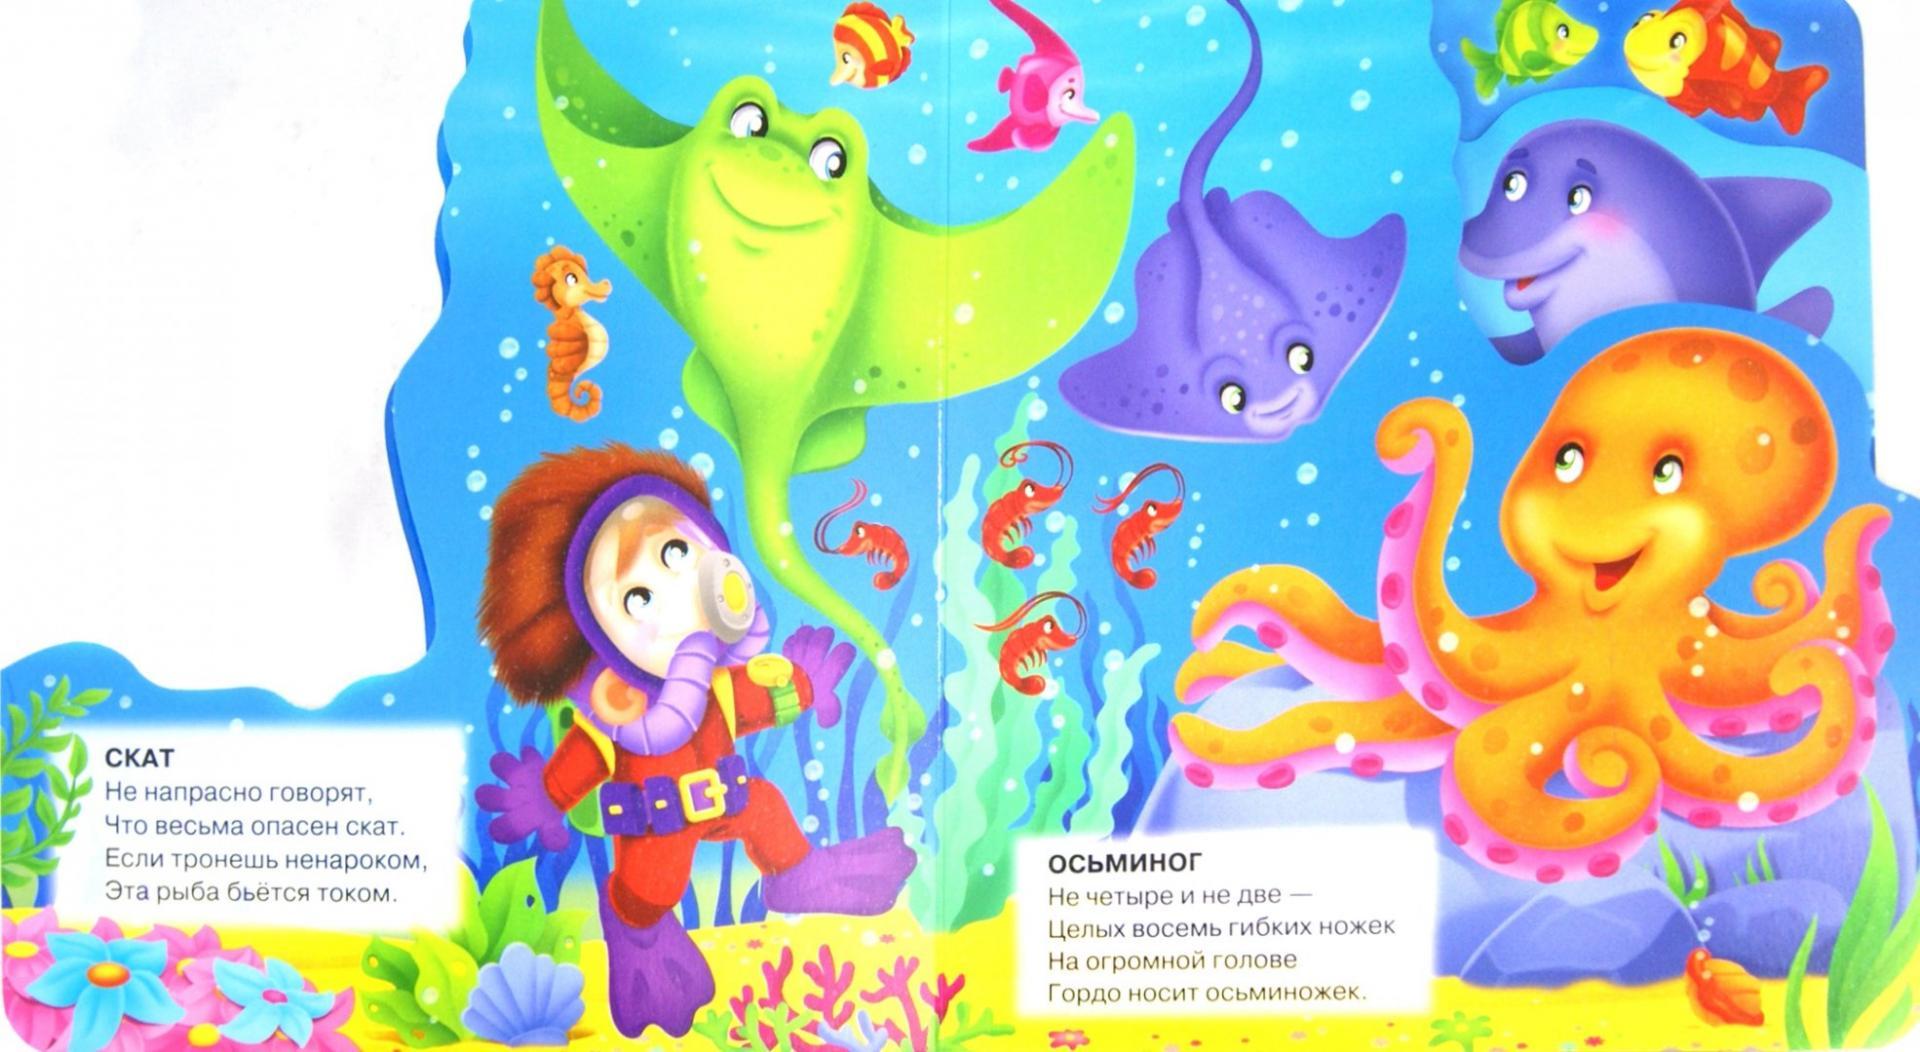 Иллюстрация 1 из 18 для Постраничная вырубка. Кто живет в океане - Наталья Ушкина | Лабиринт - книги. Источник: Лабиринт